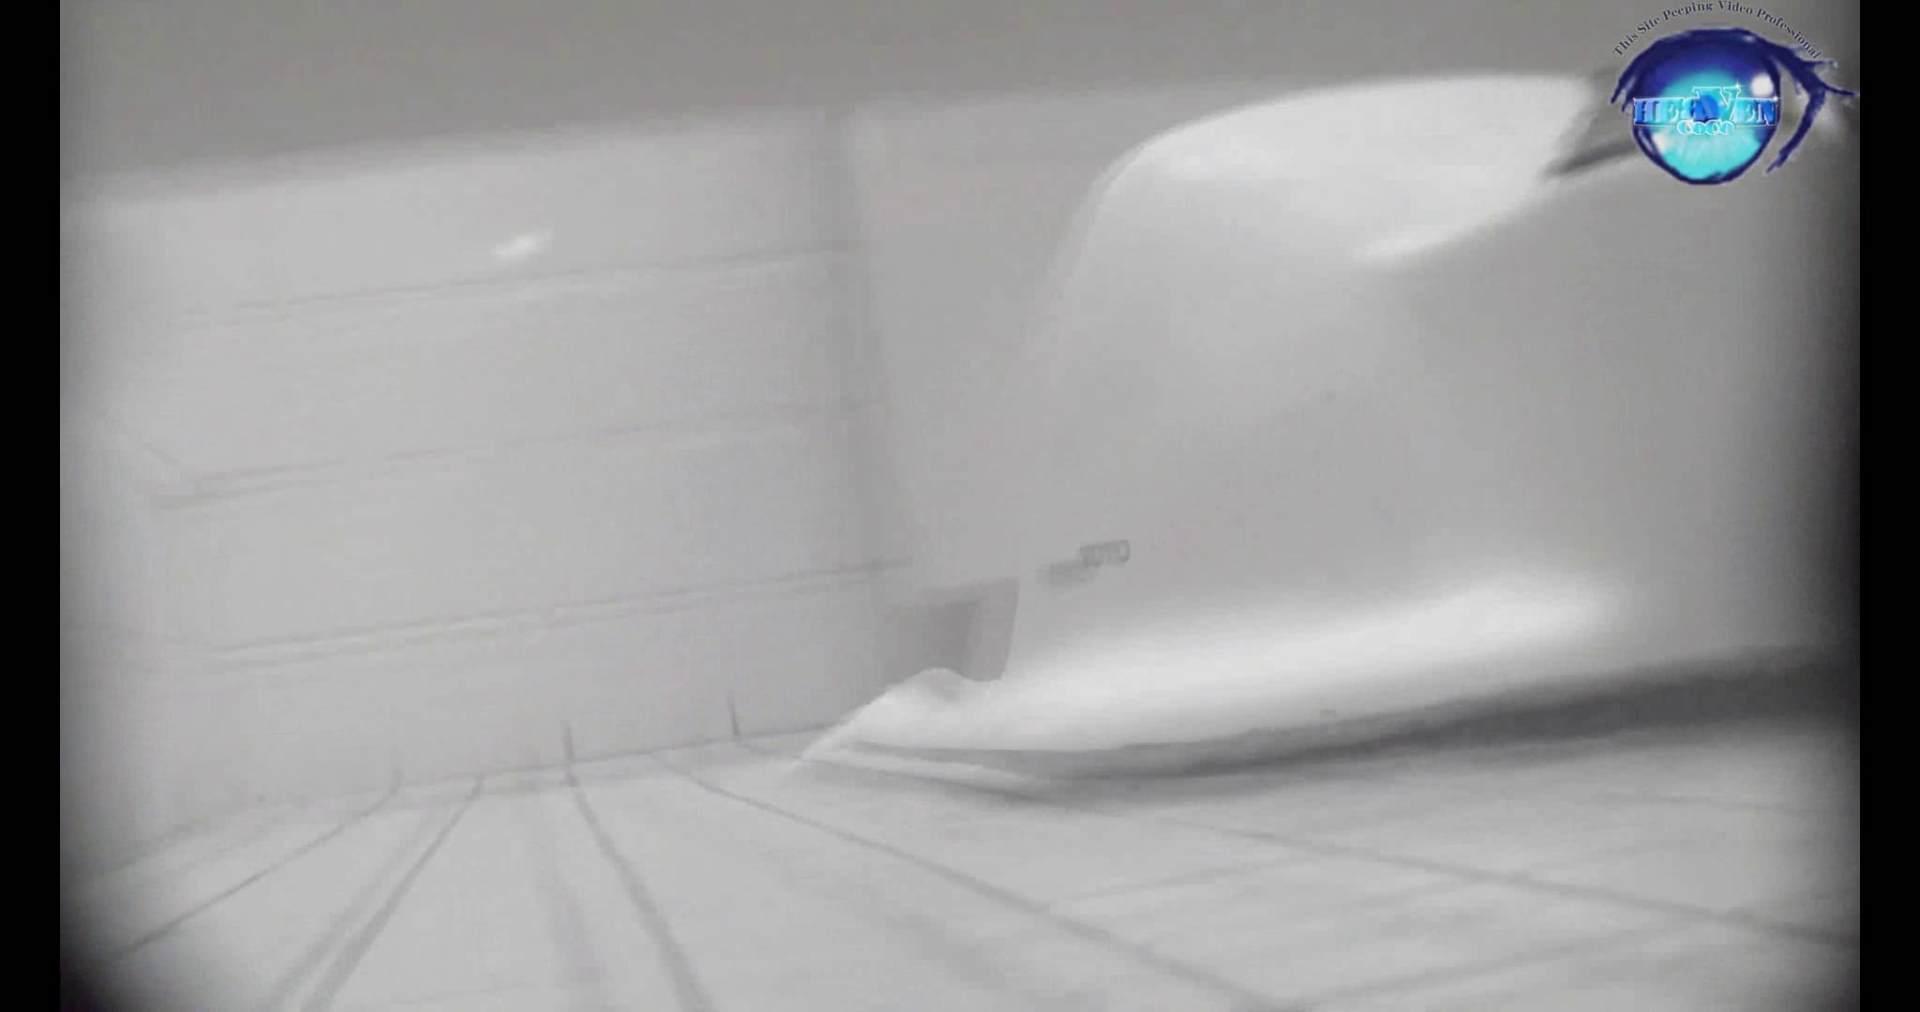 お銀さんの洗面所突入レポート!!vol.72 あのかわいい子がついフロント撮り実演 洗面所編 | バックショット  100PIX 81